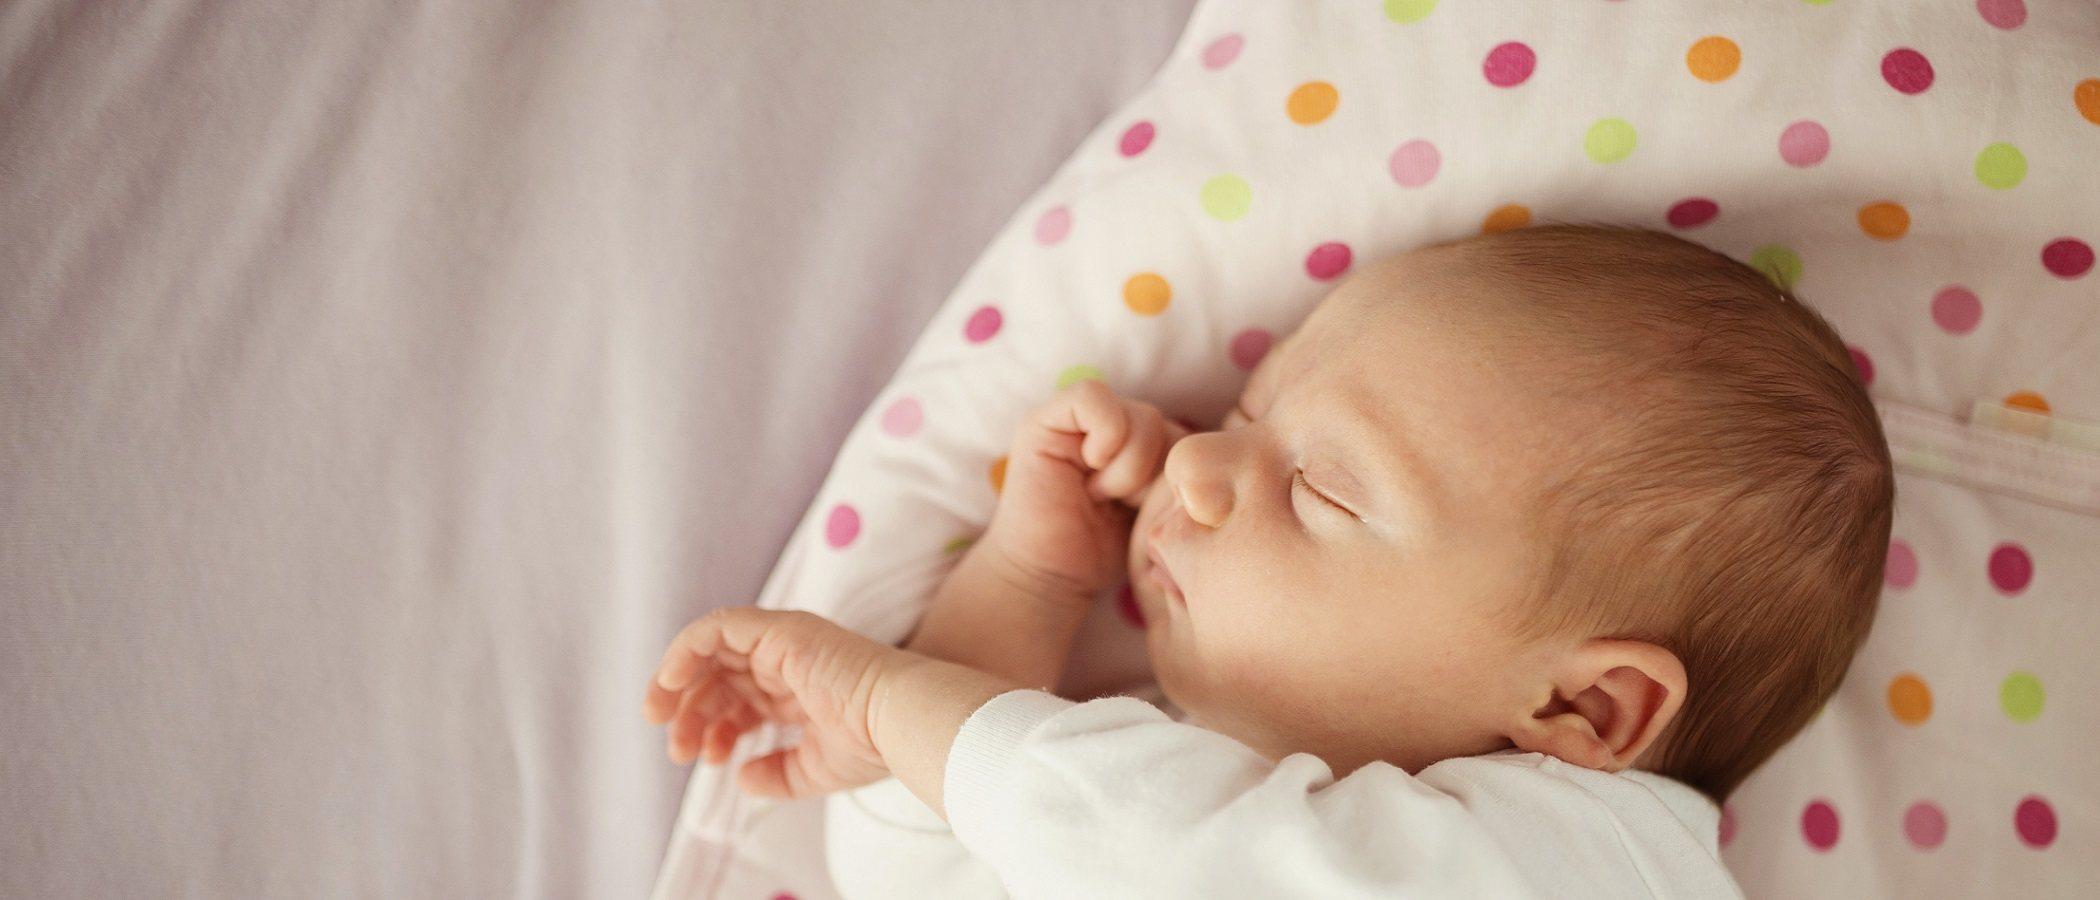 El peligro de las picaduras de pulgas en los bebés